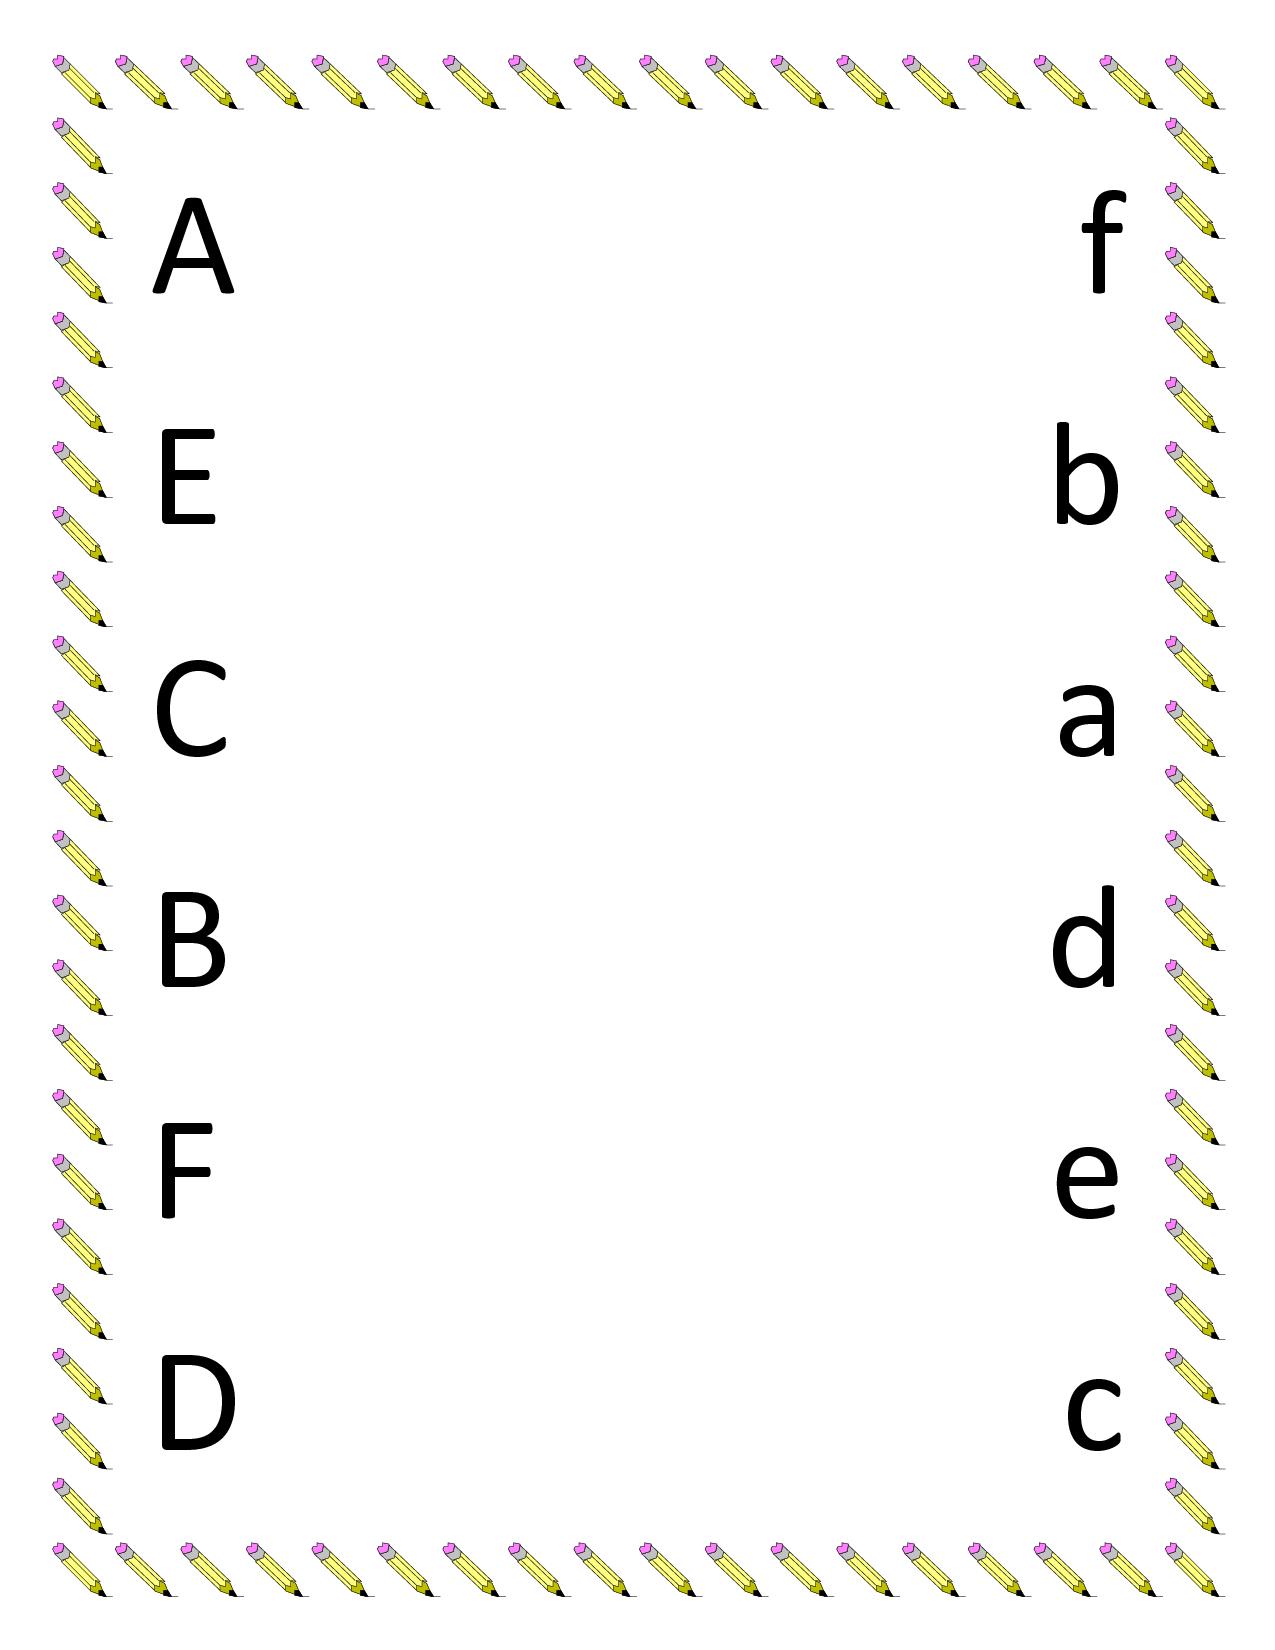 Kindergarten Worksheets | Preschool Matching Worksheets - Upper | Abc Matching Worksheets Printable